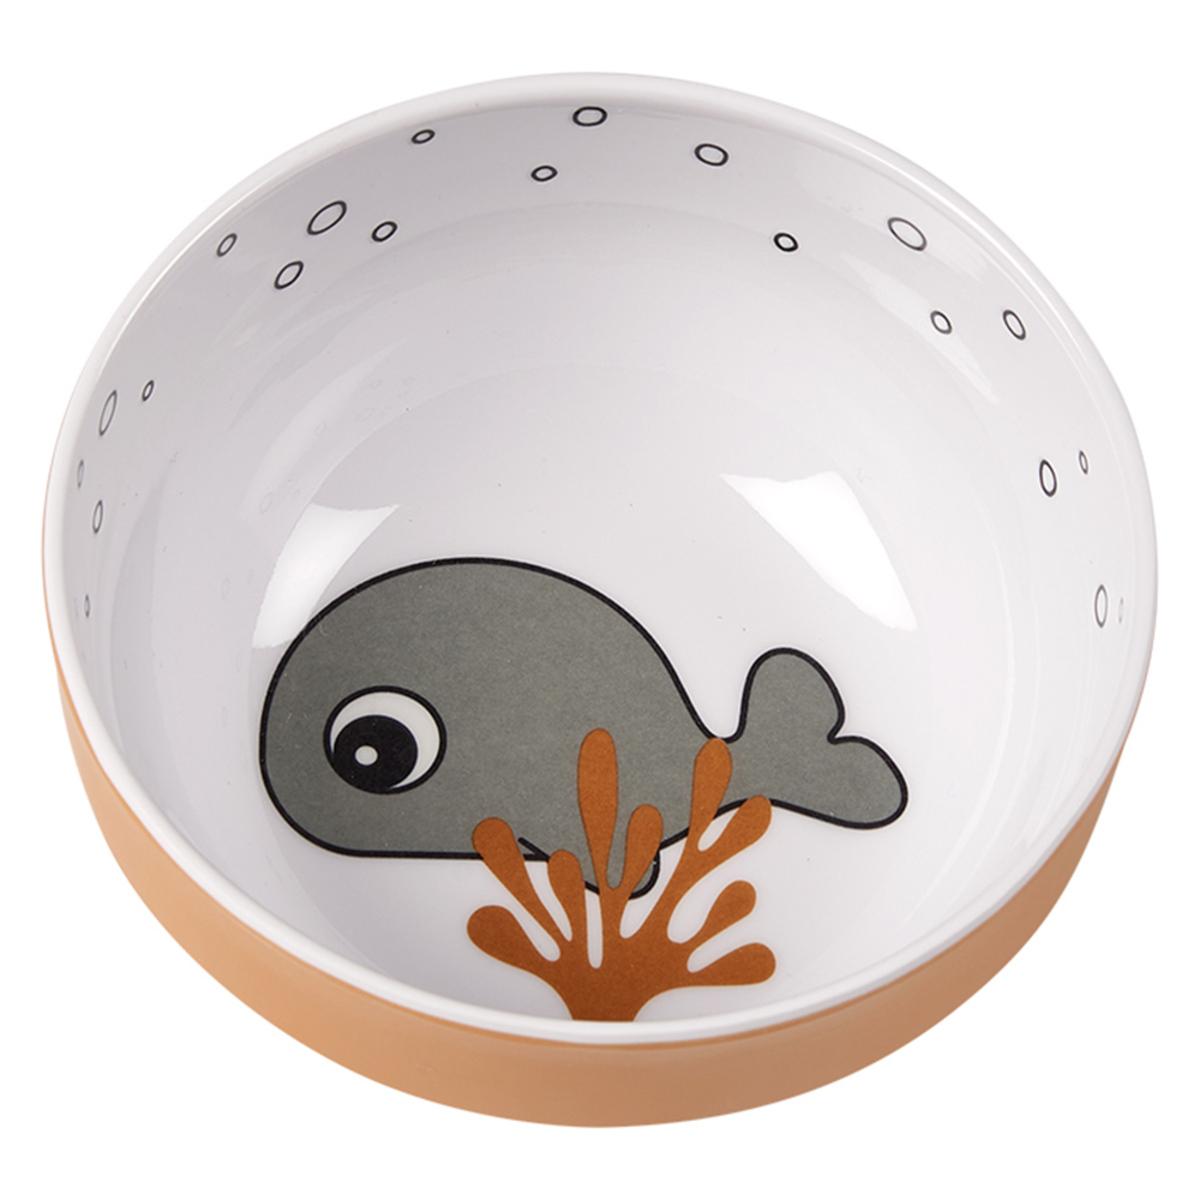 Vaisselle & Couvert Mini Bol - Sea Friends Moutarde et Gris Mini Bol - Sea Friends Moutarde et Gris